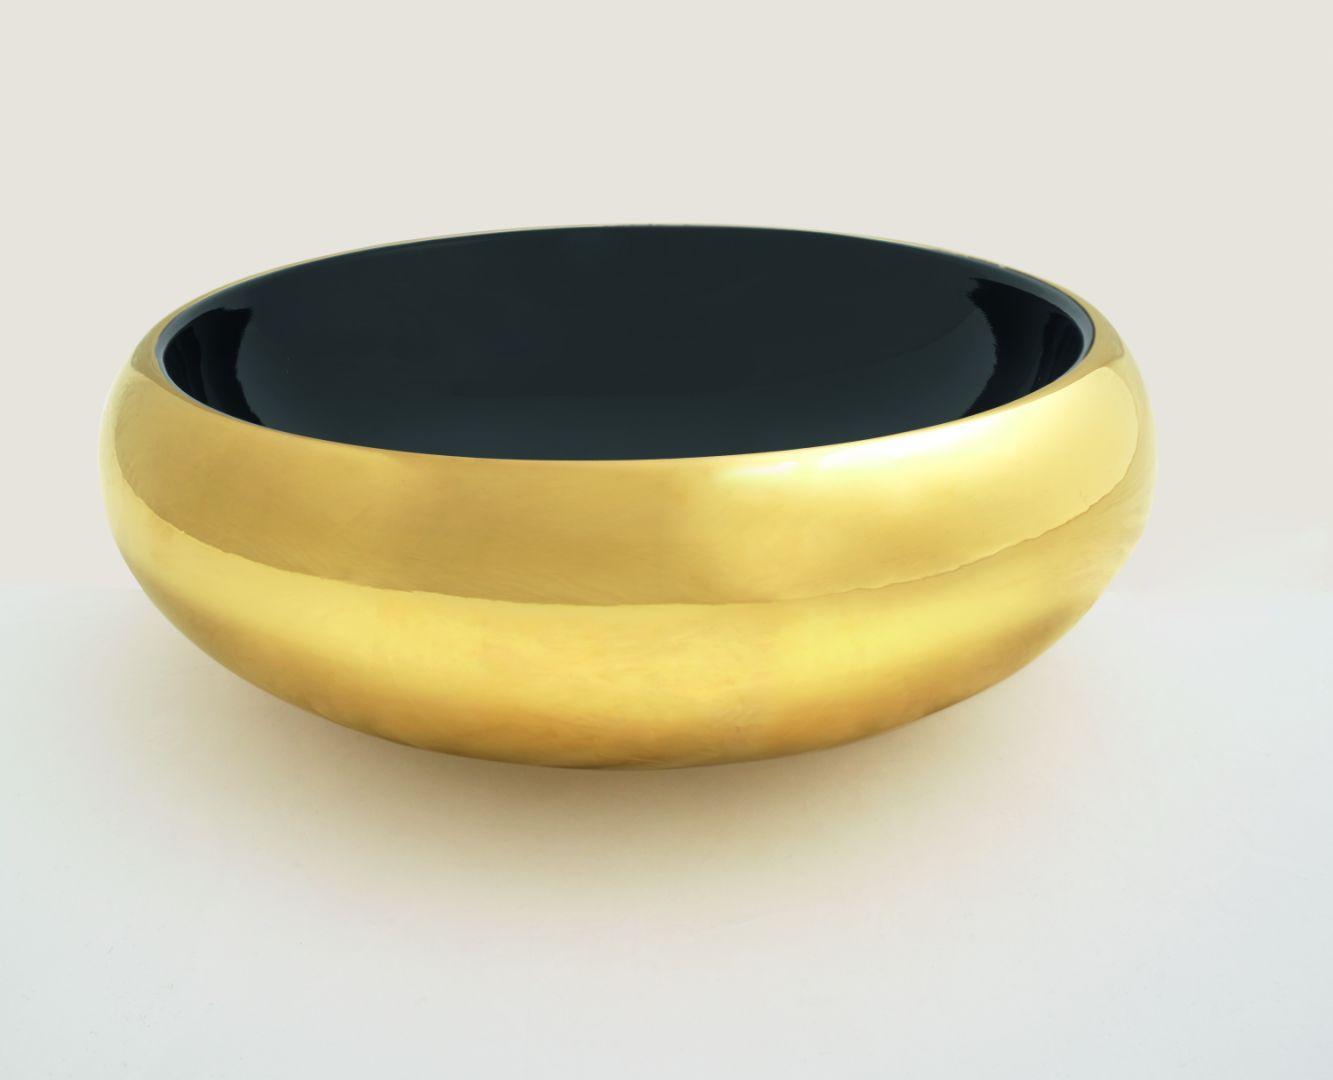 Umywalka nablatowa z serii ceramiki Tao z czarnym wnętrzem misy i złote zewnętrzne powierzchnie. Fot. Hidra